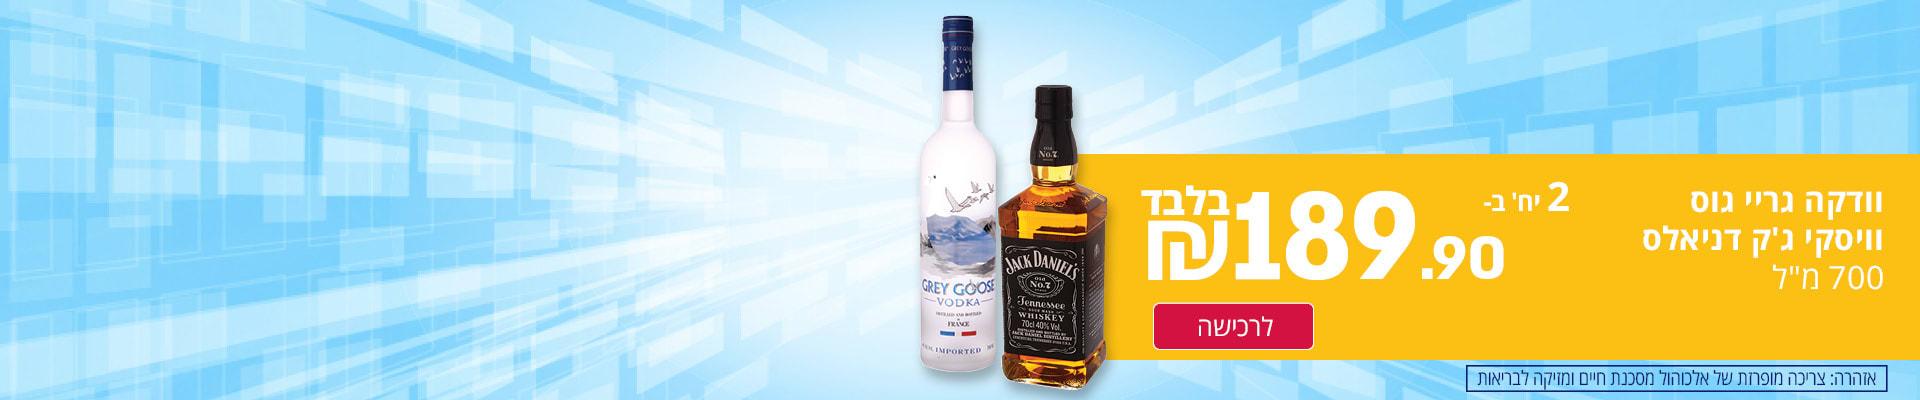 """וודקה גריי גוס/וויסקי ג'ק דניאלס 700 מ""""ל 2 יחידות ב 189.90 ₪. בתוקף עד 1.11.2021. אזהרה: צריכה מופרזת של אלכוהול מסכנת חיים ומזיקה לבריאות"""